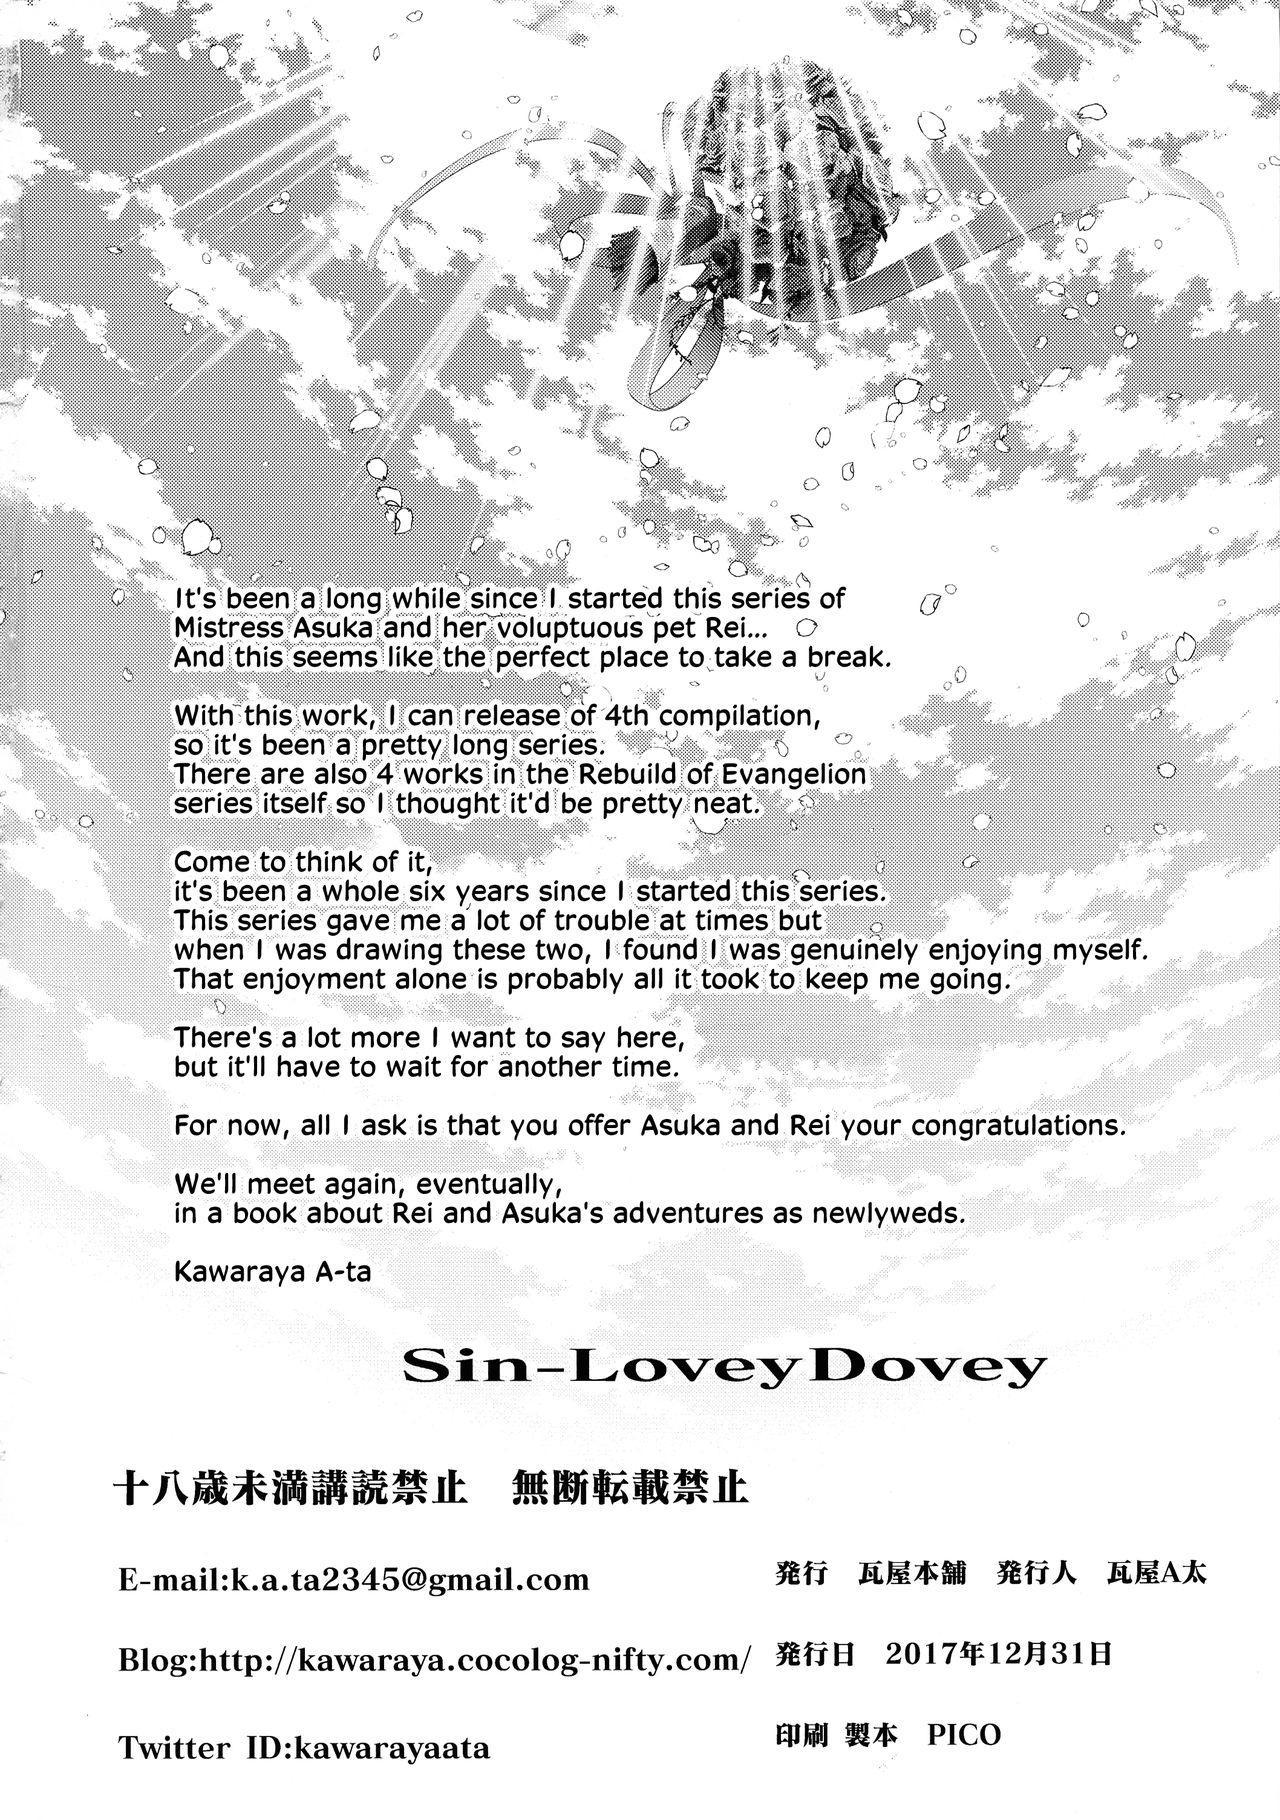 Sin-Lovey Dovey 51